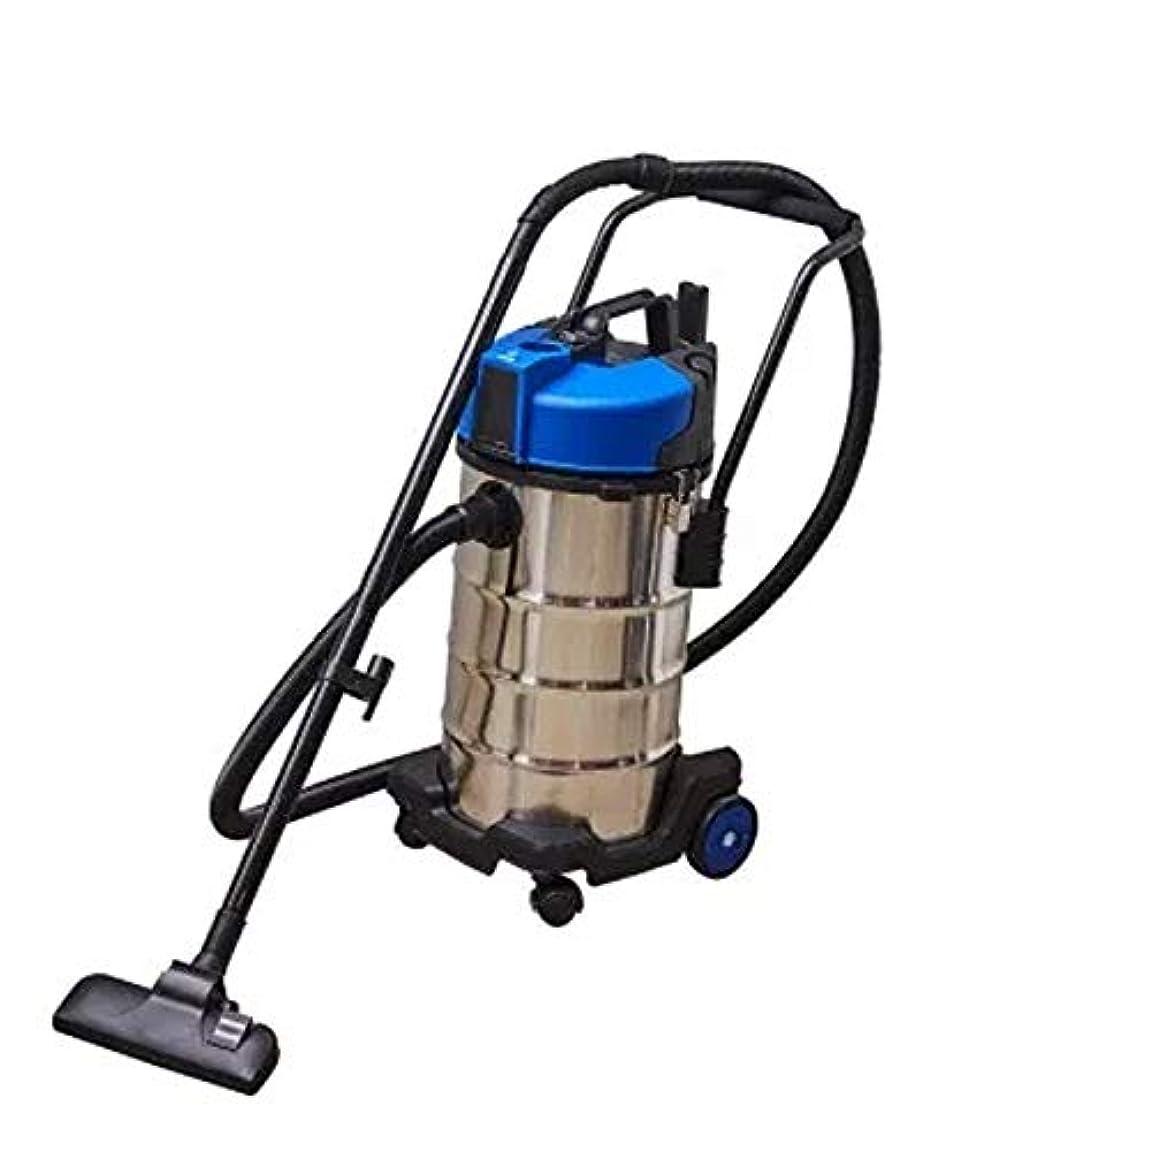 真剣に執着ピクニックビークルーズ(VECRUZ) 集塵機 VacMAX VVM-40L 乾湿両用大容量集塵機 本体: 奥行41.5cm 本体: 高さ76.5cm 本体: 幅38.6cm